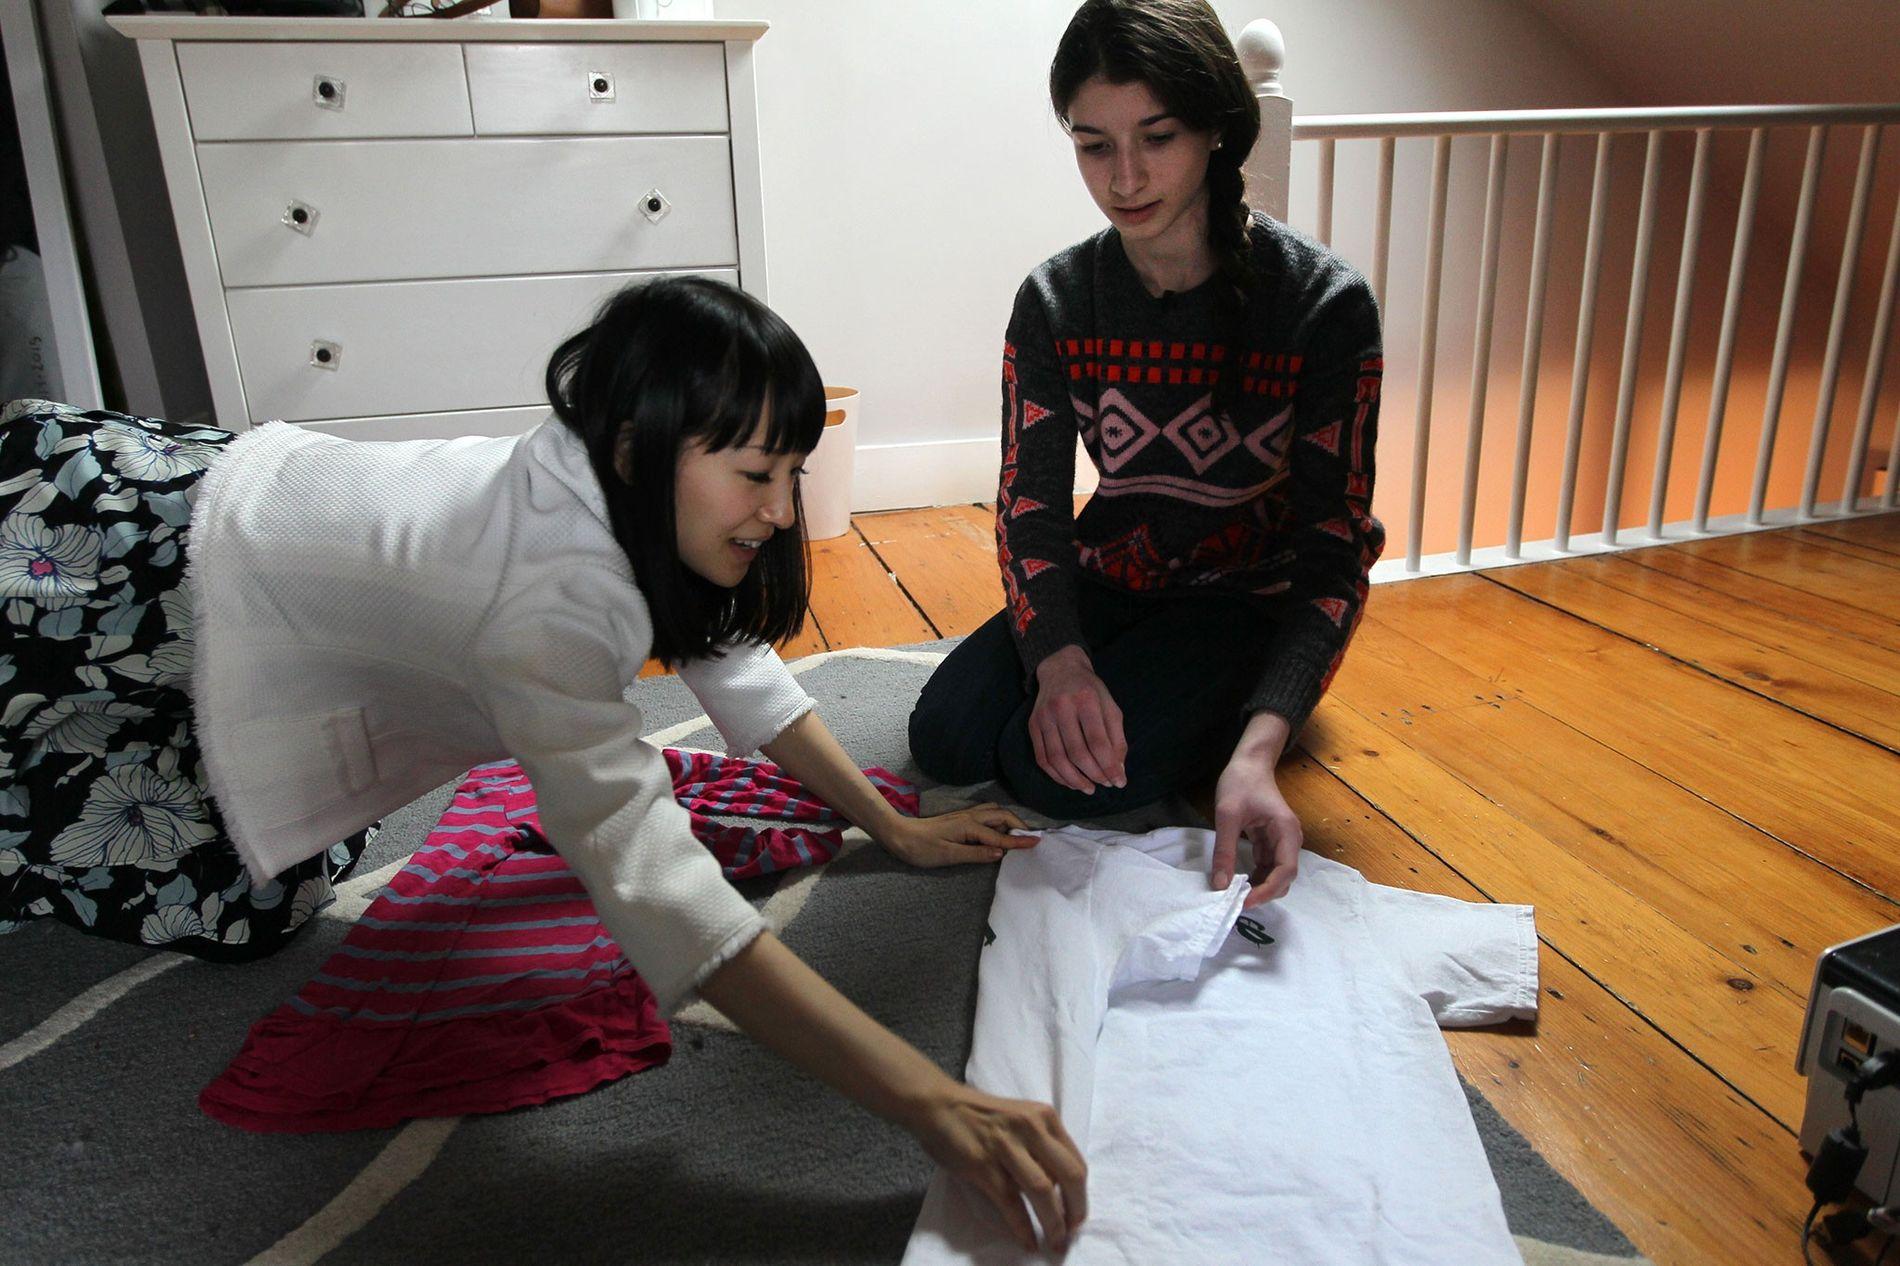 Marie Kondo le enseña a Otti Logan, de 16 años, cómo doblar la ropa. Kondo es ...